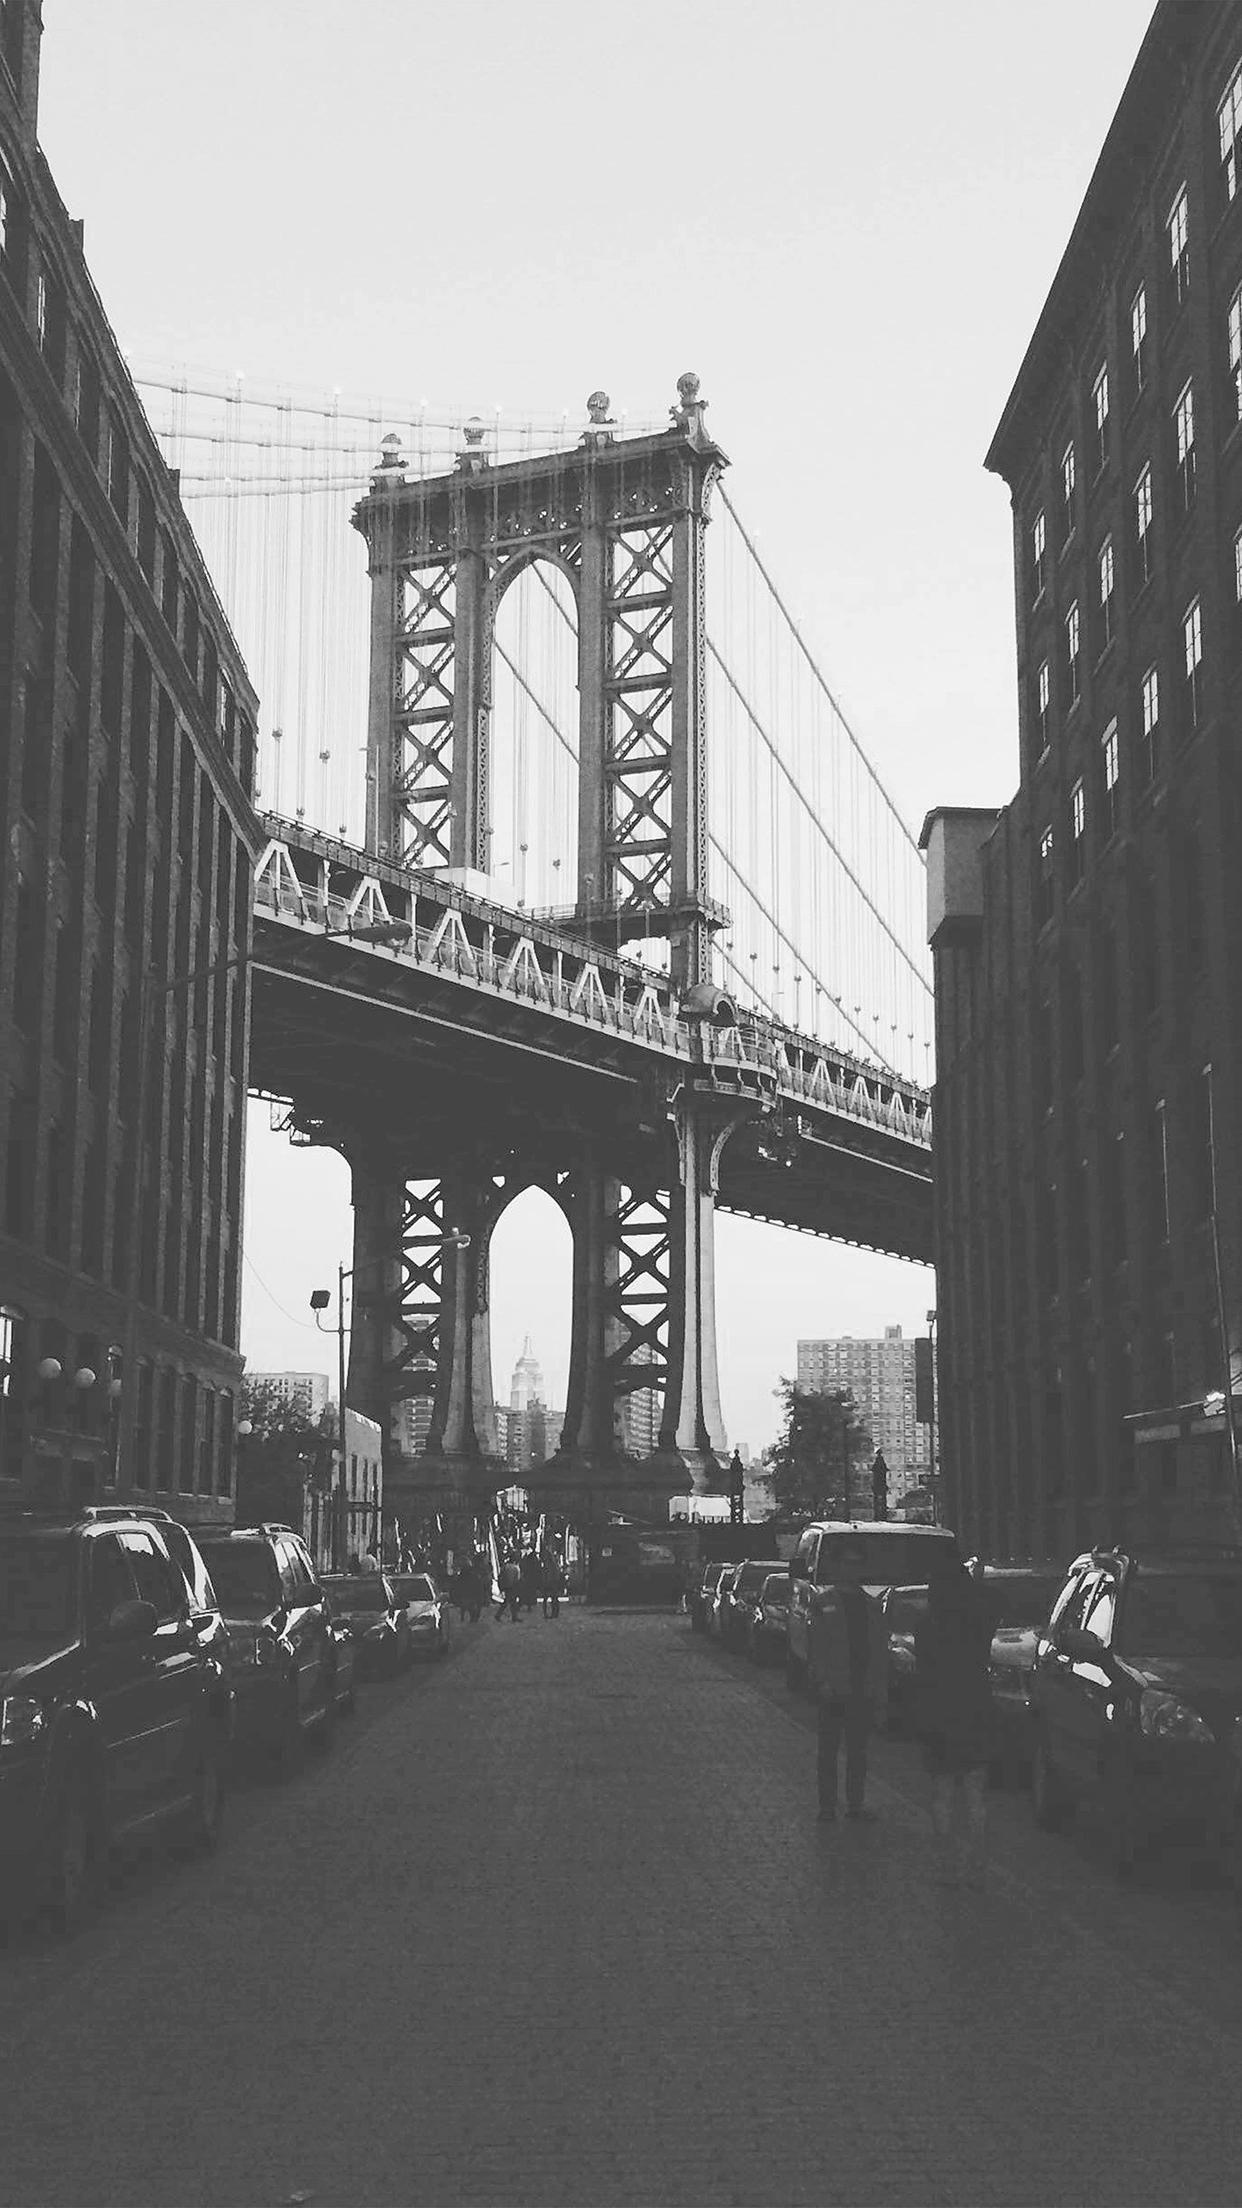 Iphone Wallpaper New York 86 Fond Ecran Fond Ecran Blanc Noir Et Blanc